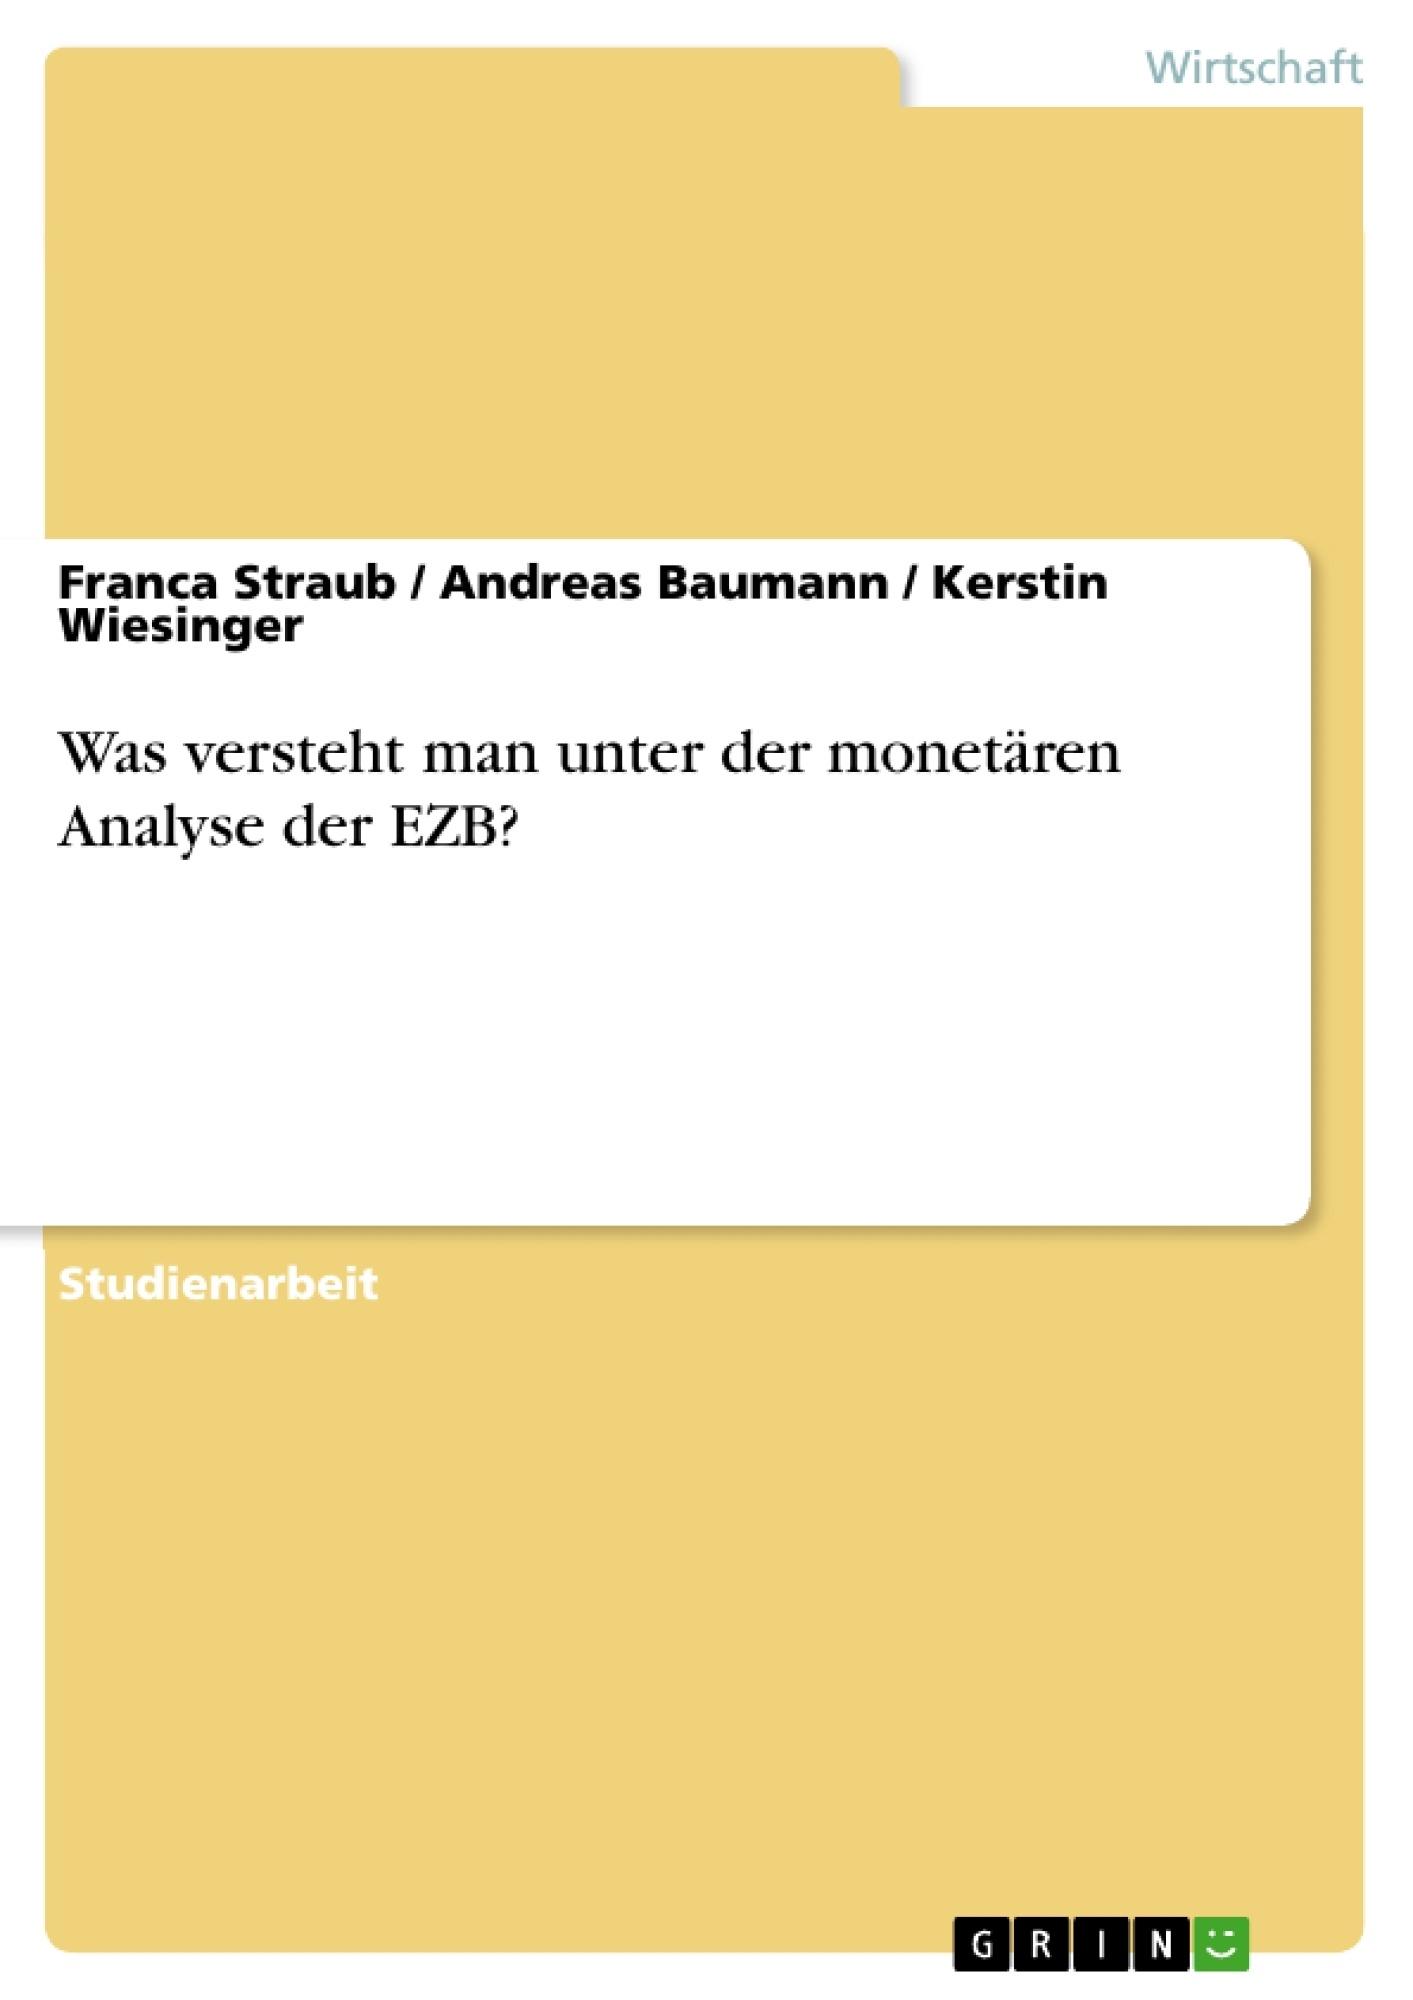 Titel: Was versteht man unter der monetären Analyse der EZB?